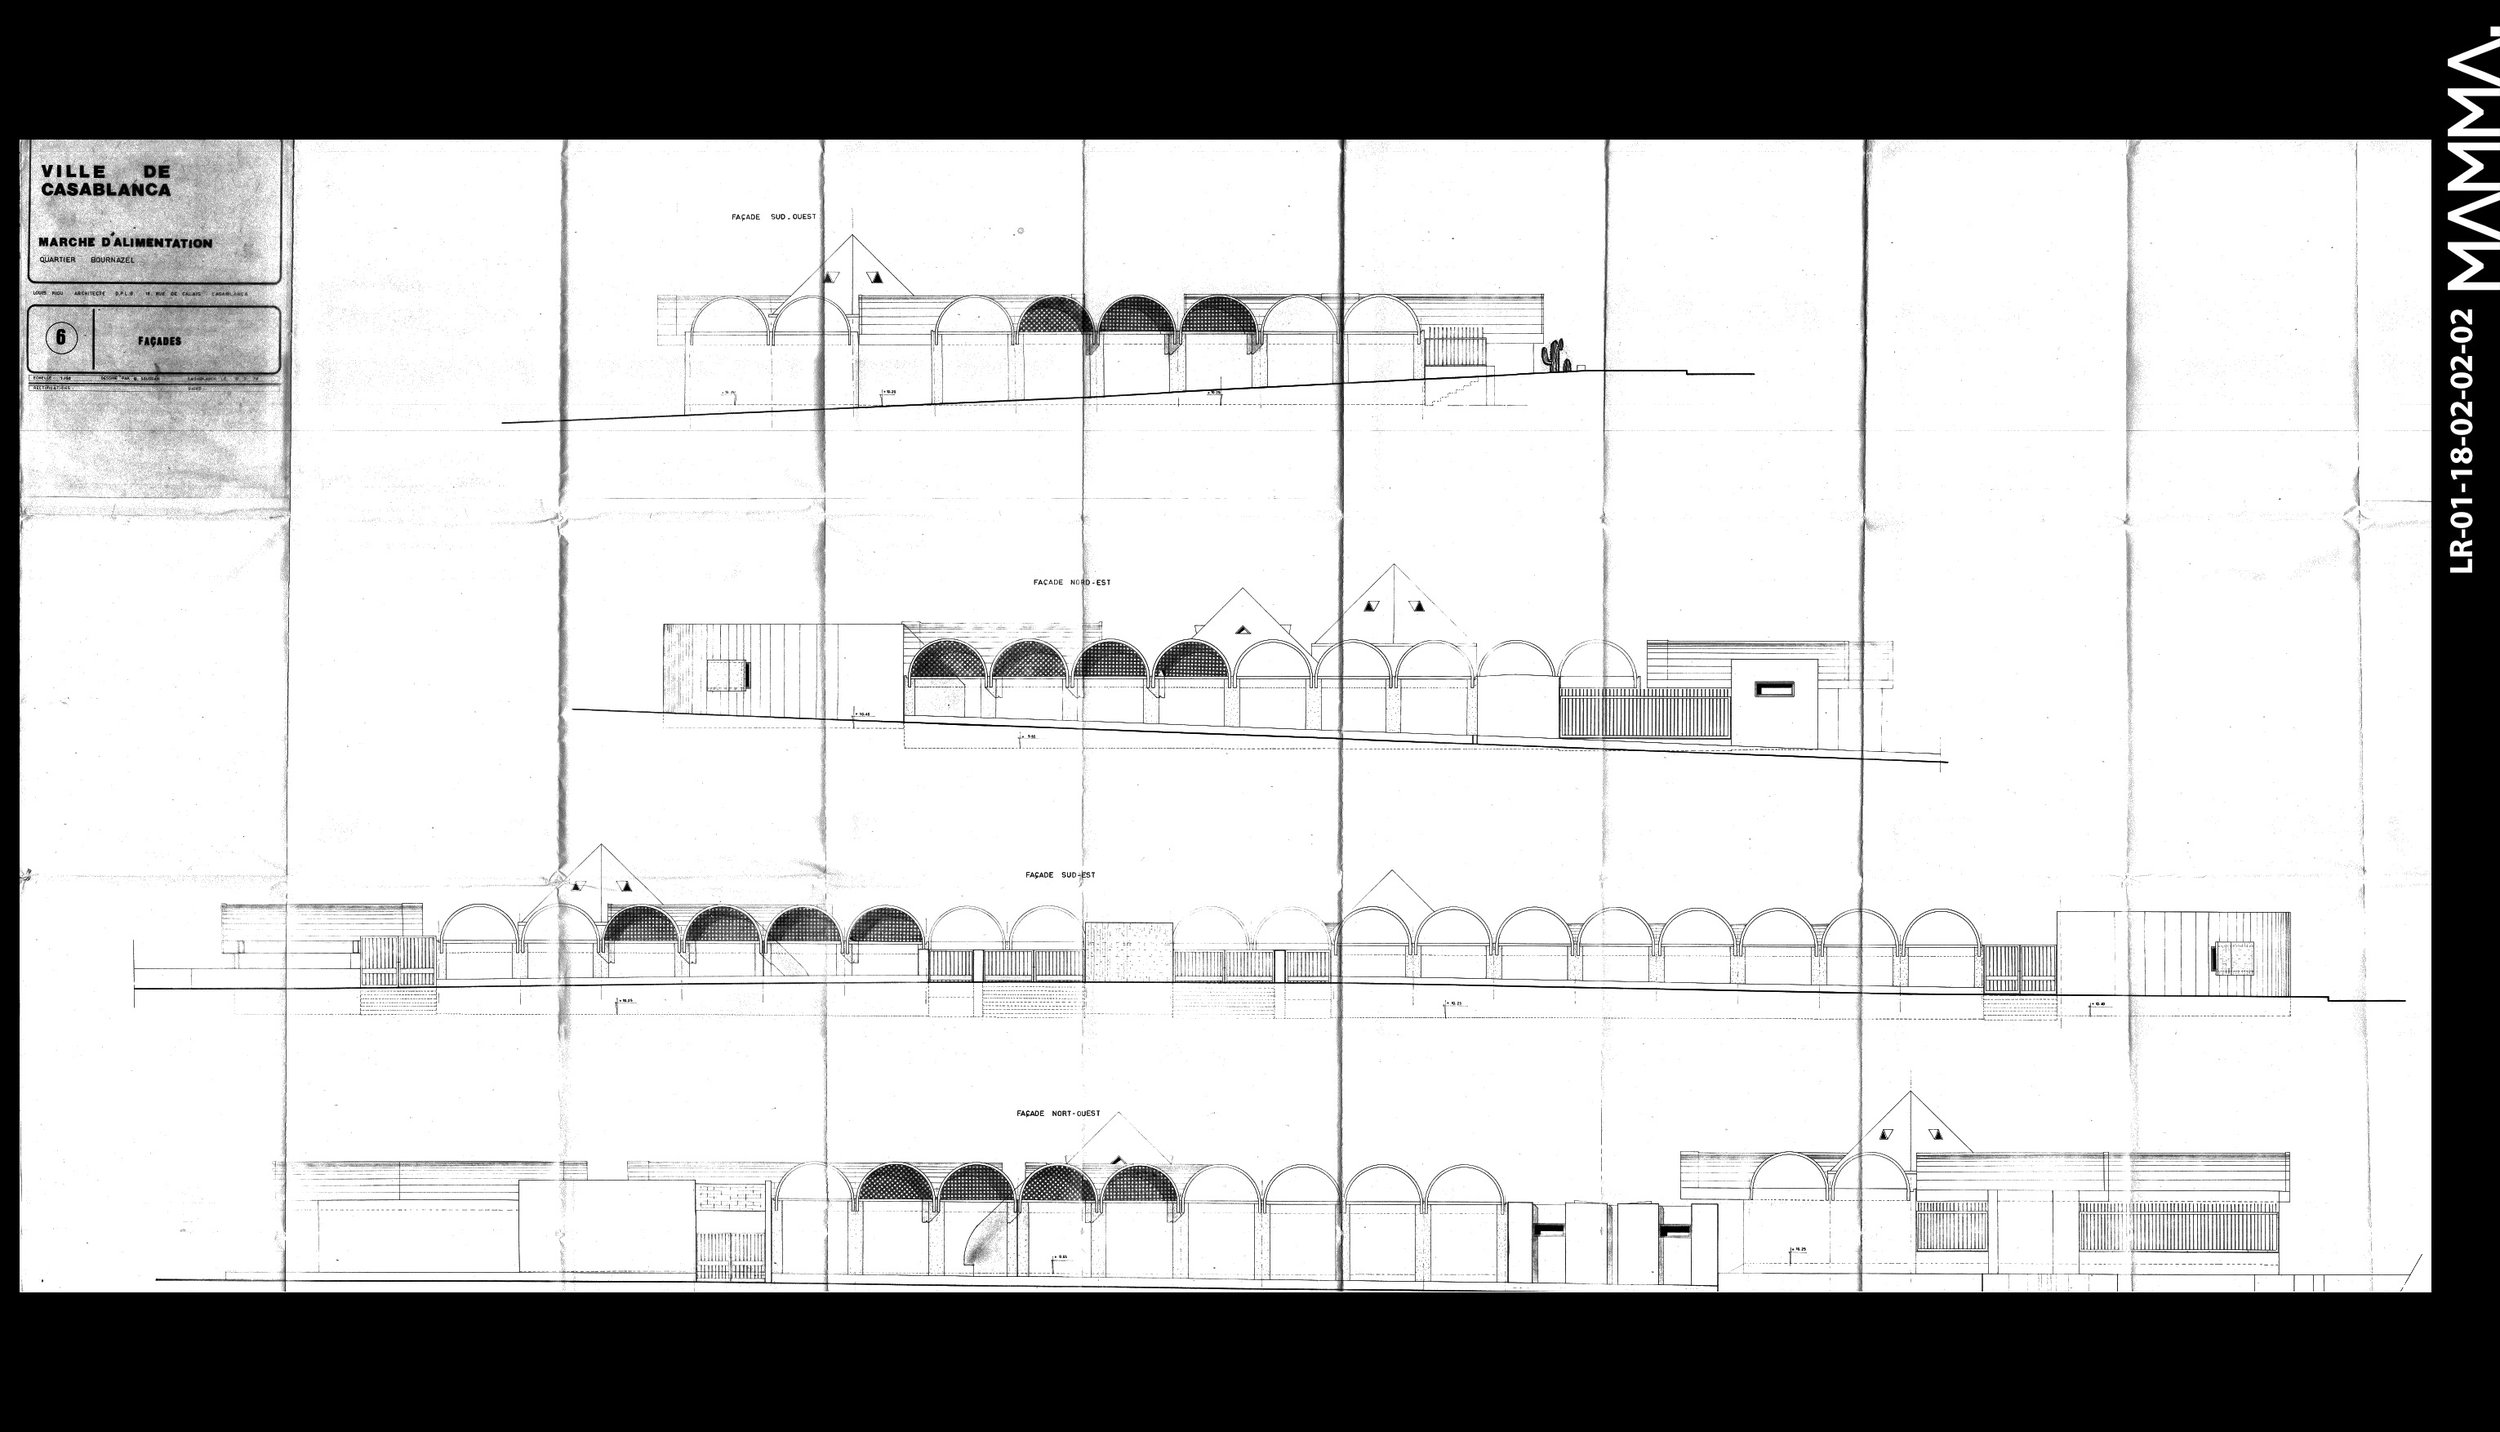 1973-Marché d'alimentation - quartier Bournazel à Casablanca   Agence: Louis Riou  Contenu: Façades  Dimensions: 195,7 x 91,4 cm      © MAMMAARCHIVE   Réf: MAMMA- LR-01-18-02-02-02